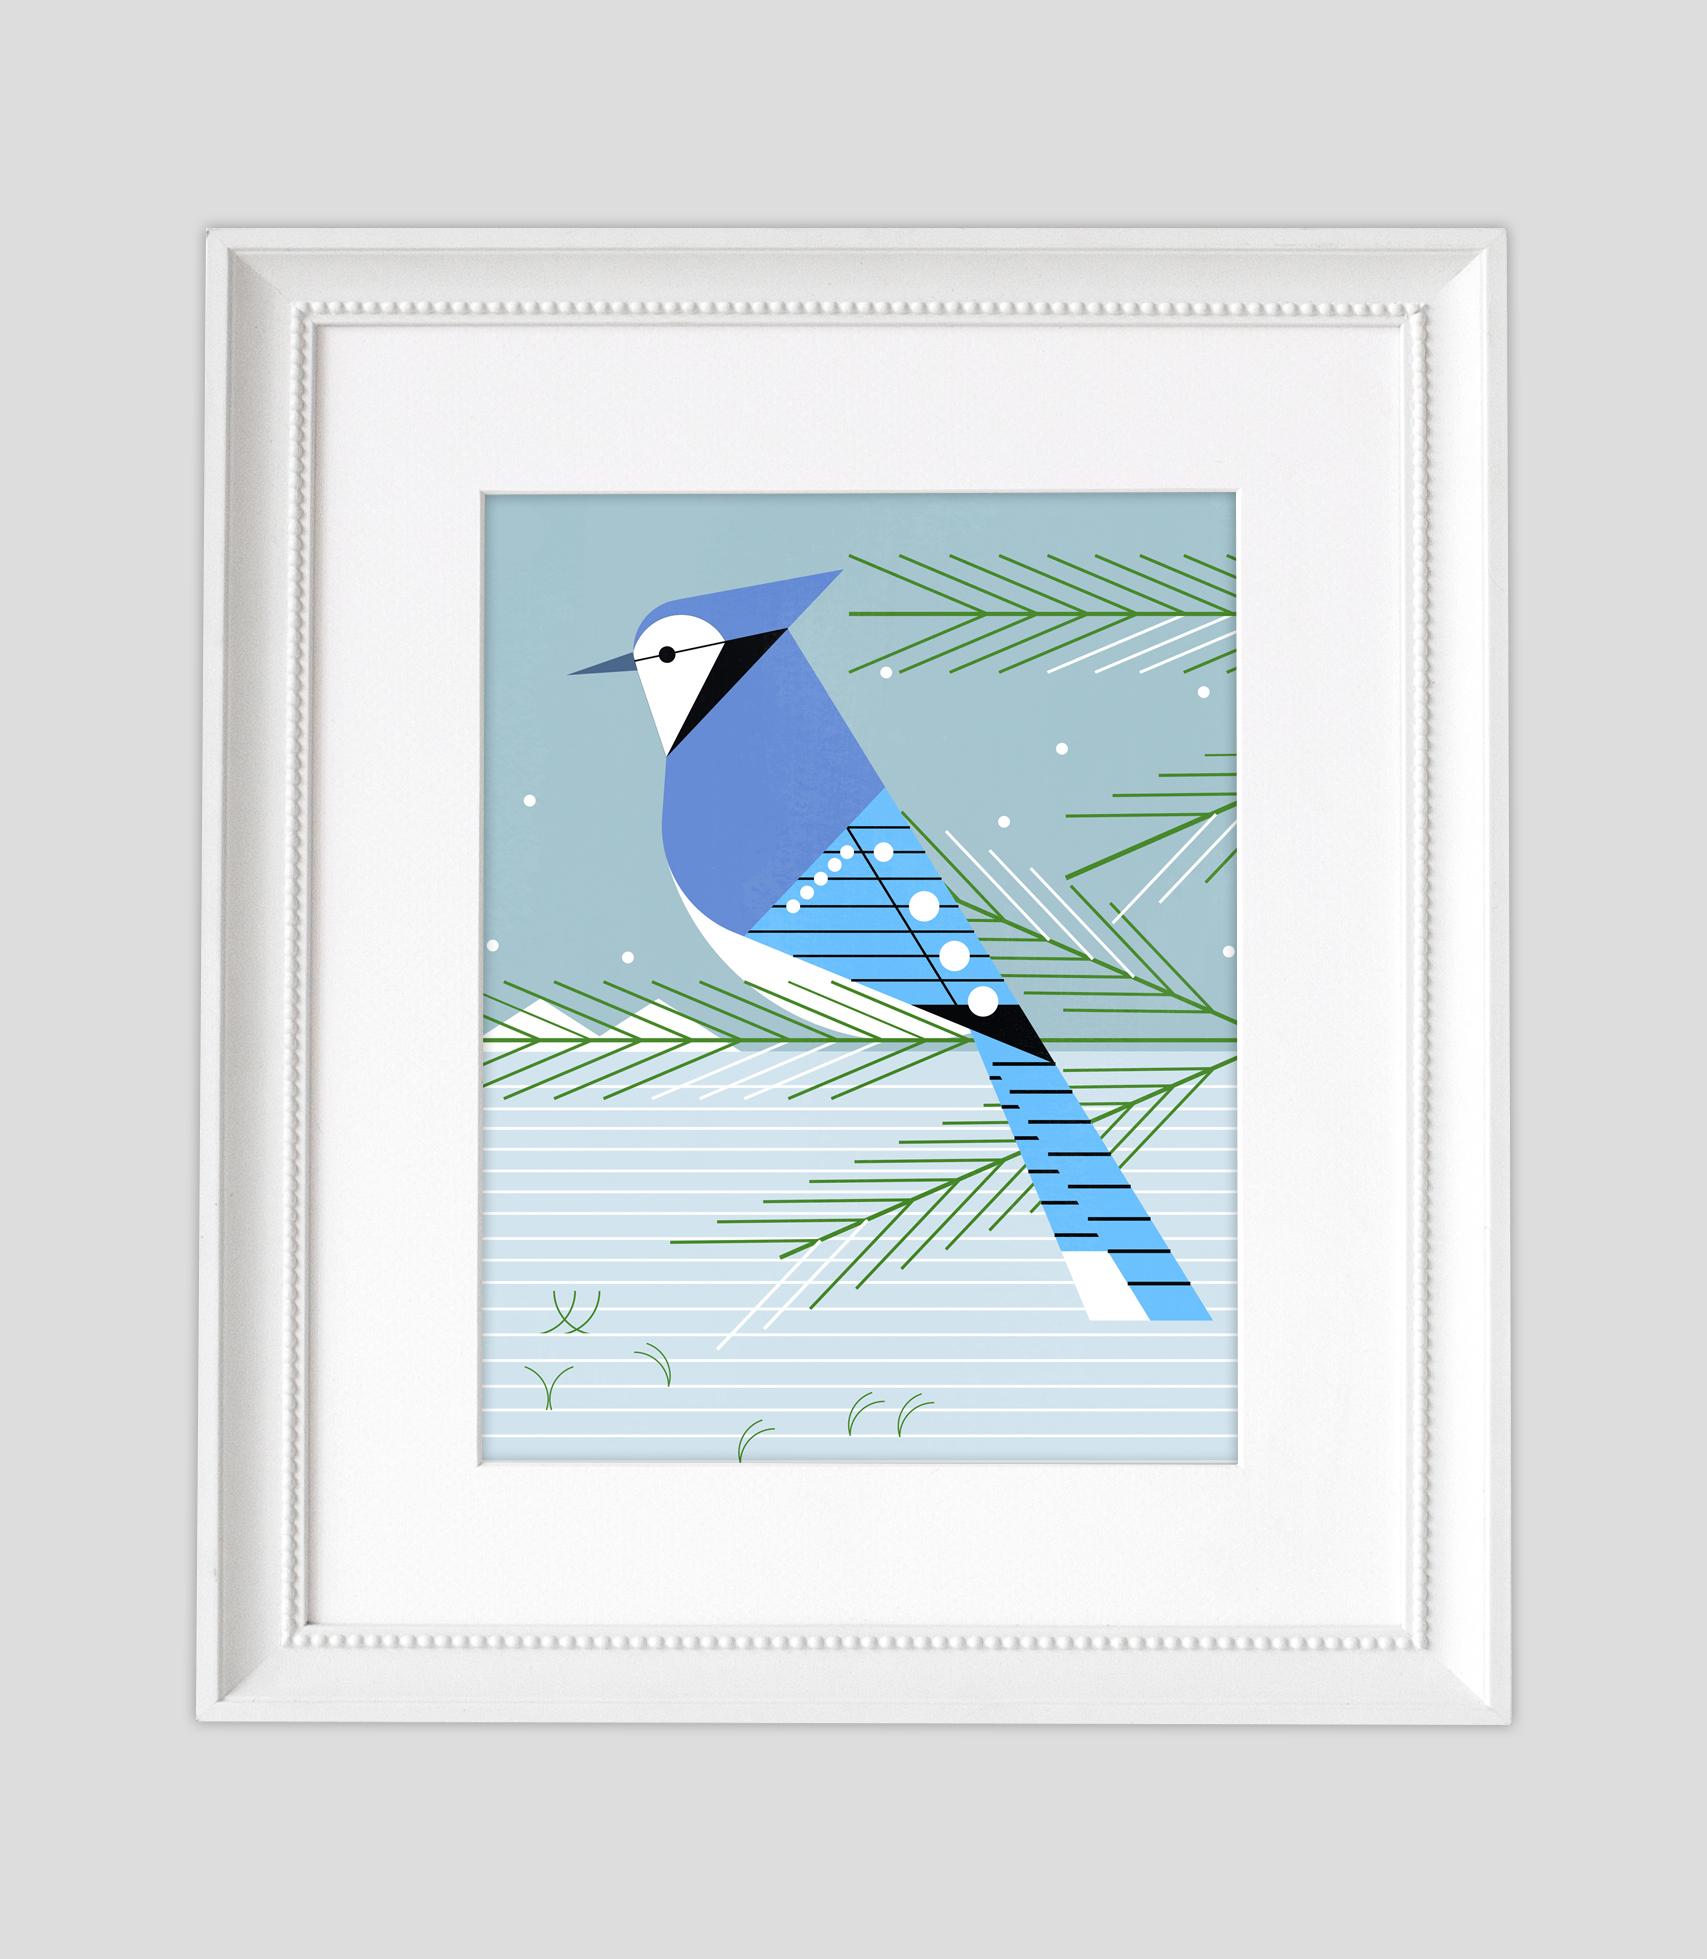 Bluejay Framed2.jpg